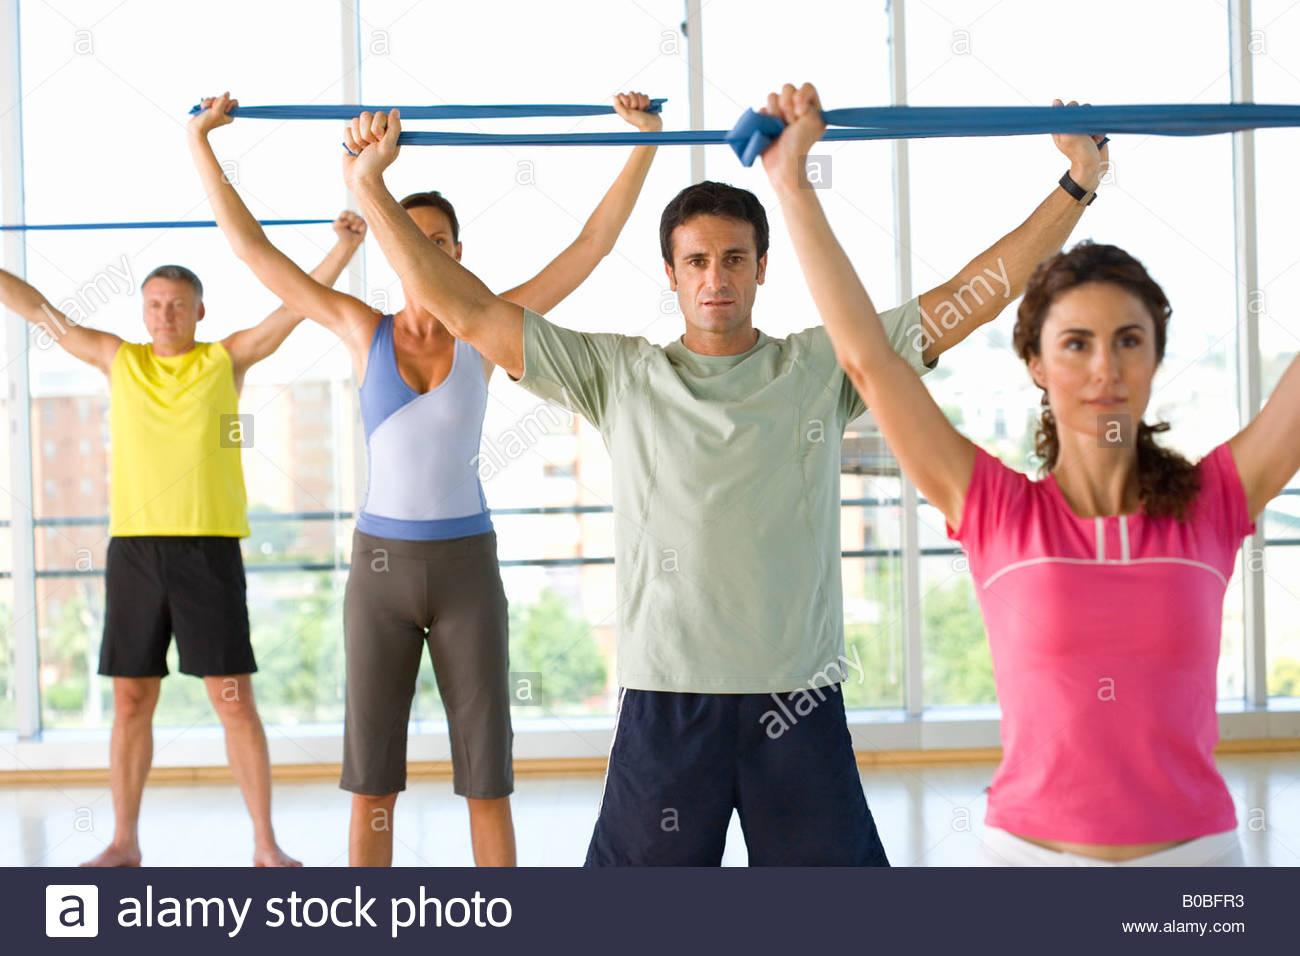 Le persone che la esercitano classe, azienda esercizio fasce suddette teste Immagini Stock